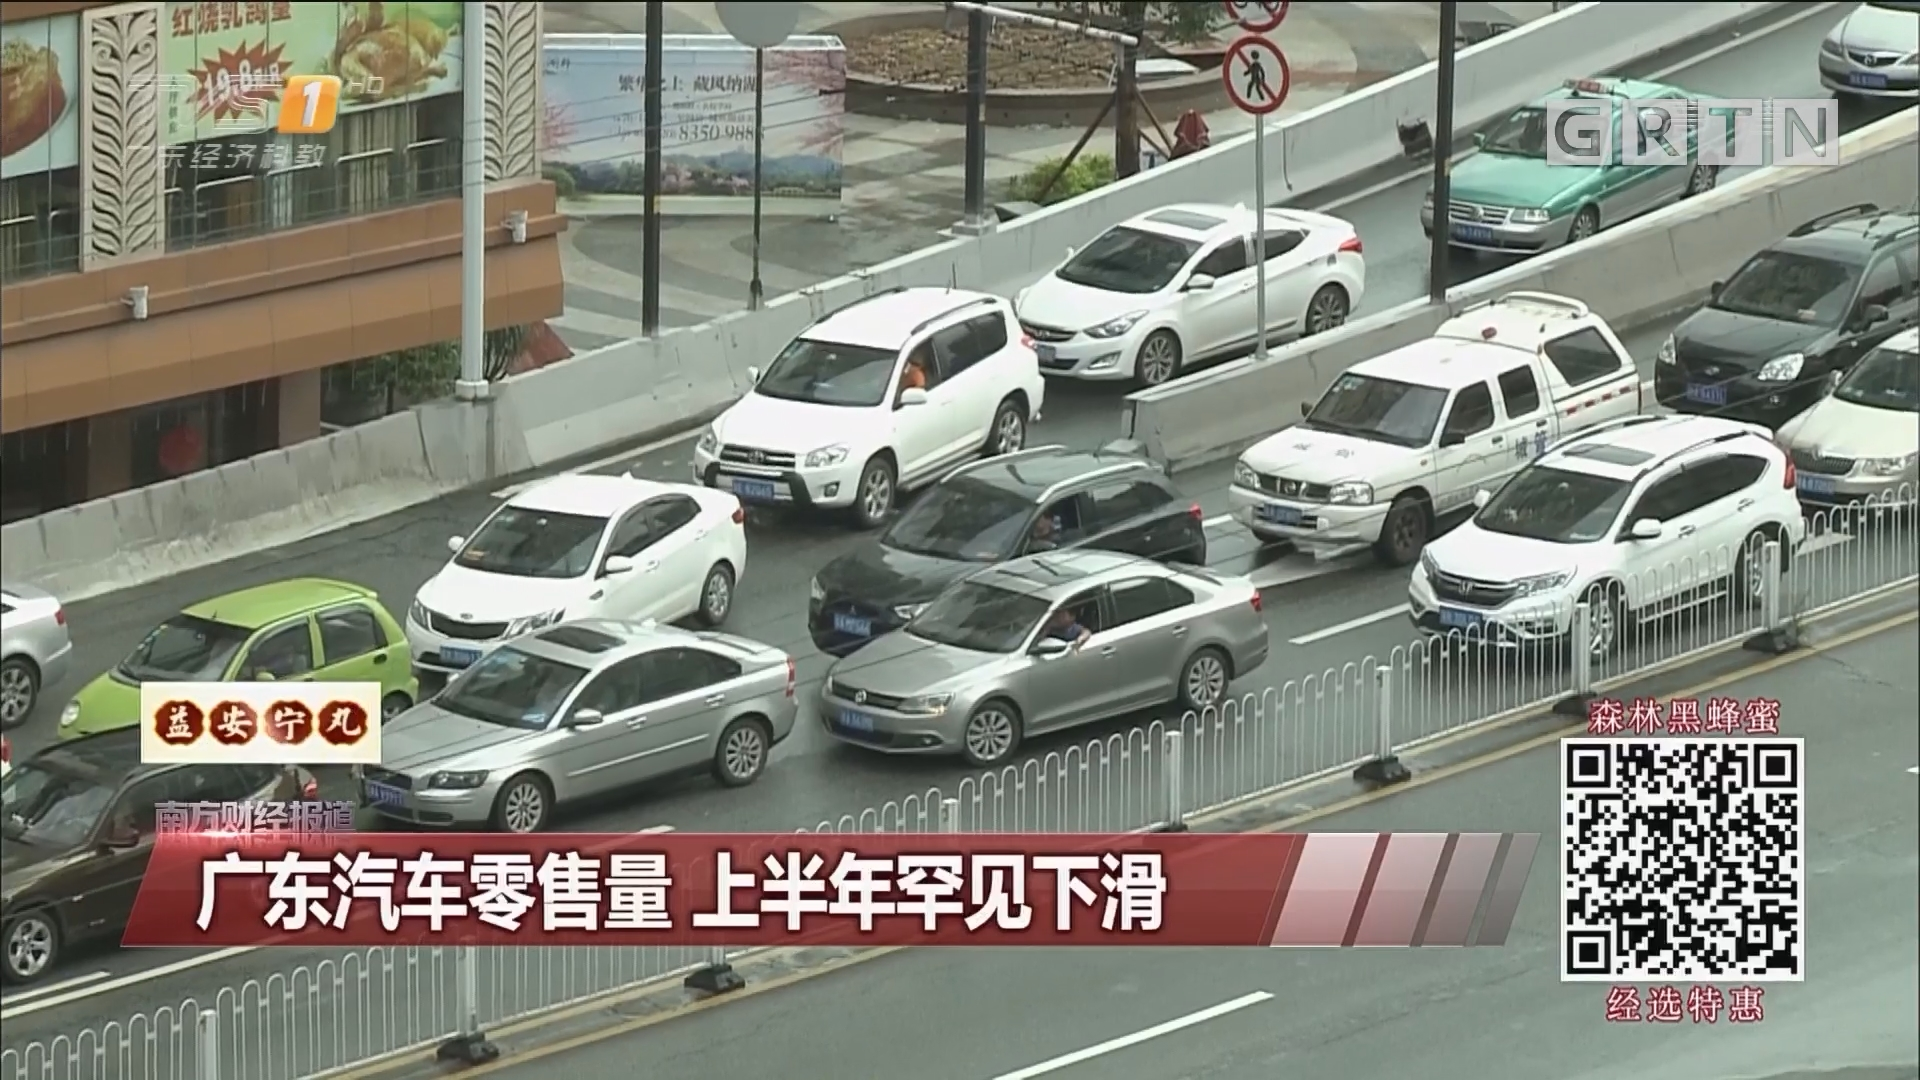 广东汽车零售量 上半年罕见下滑